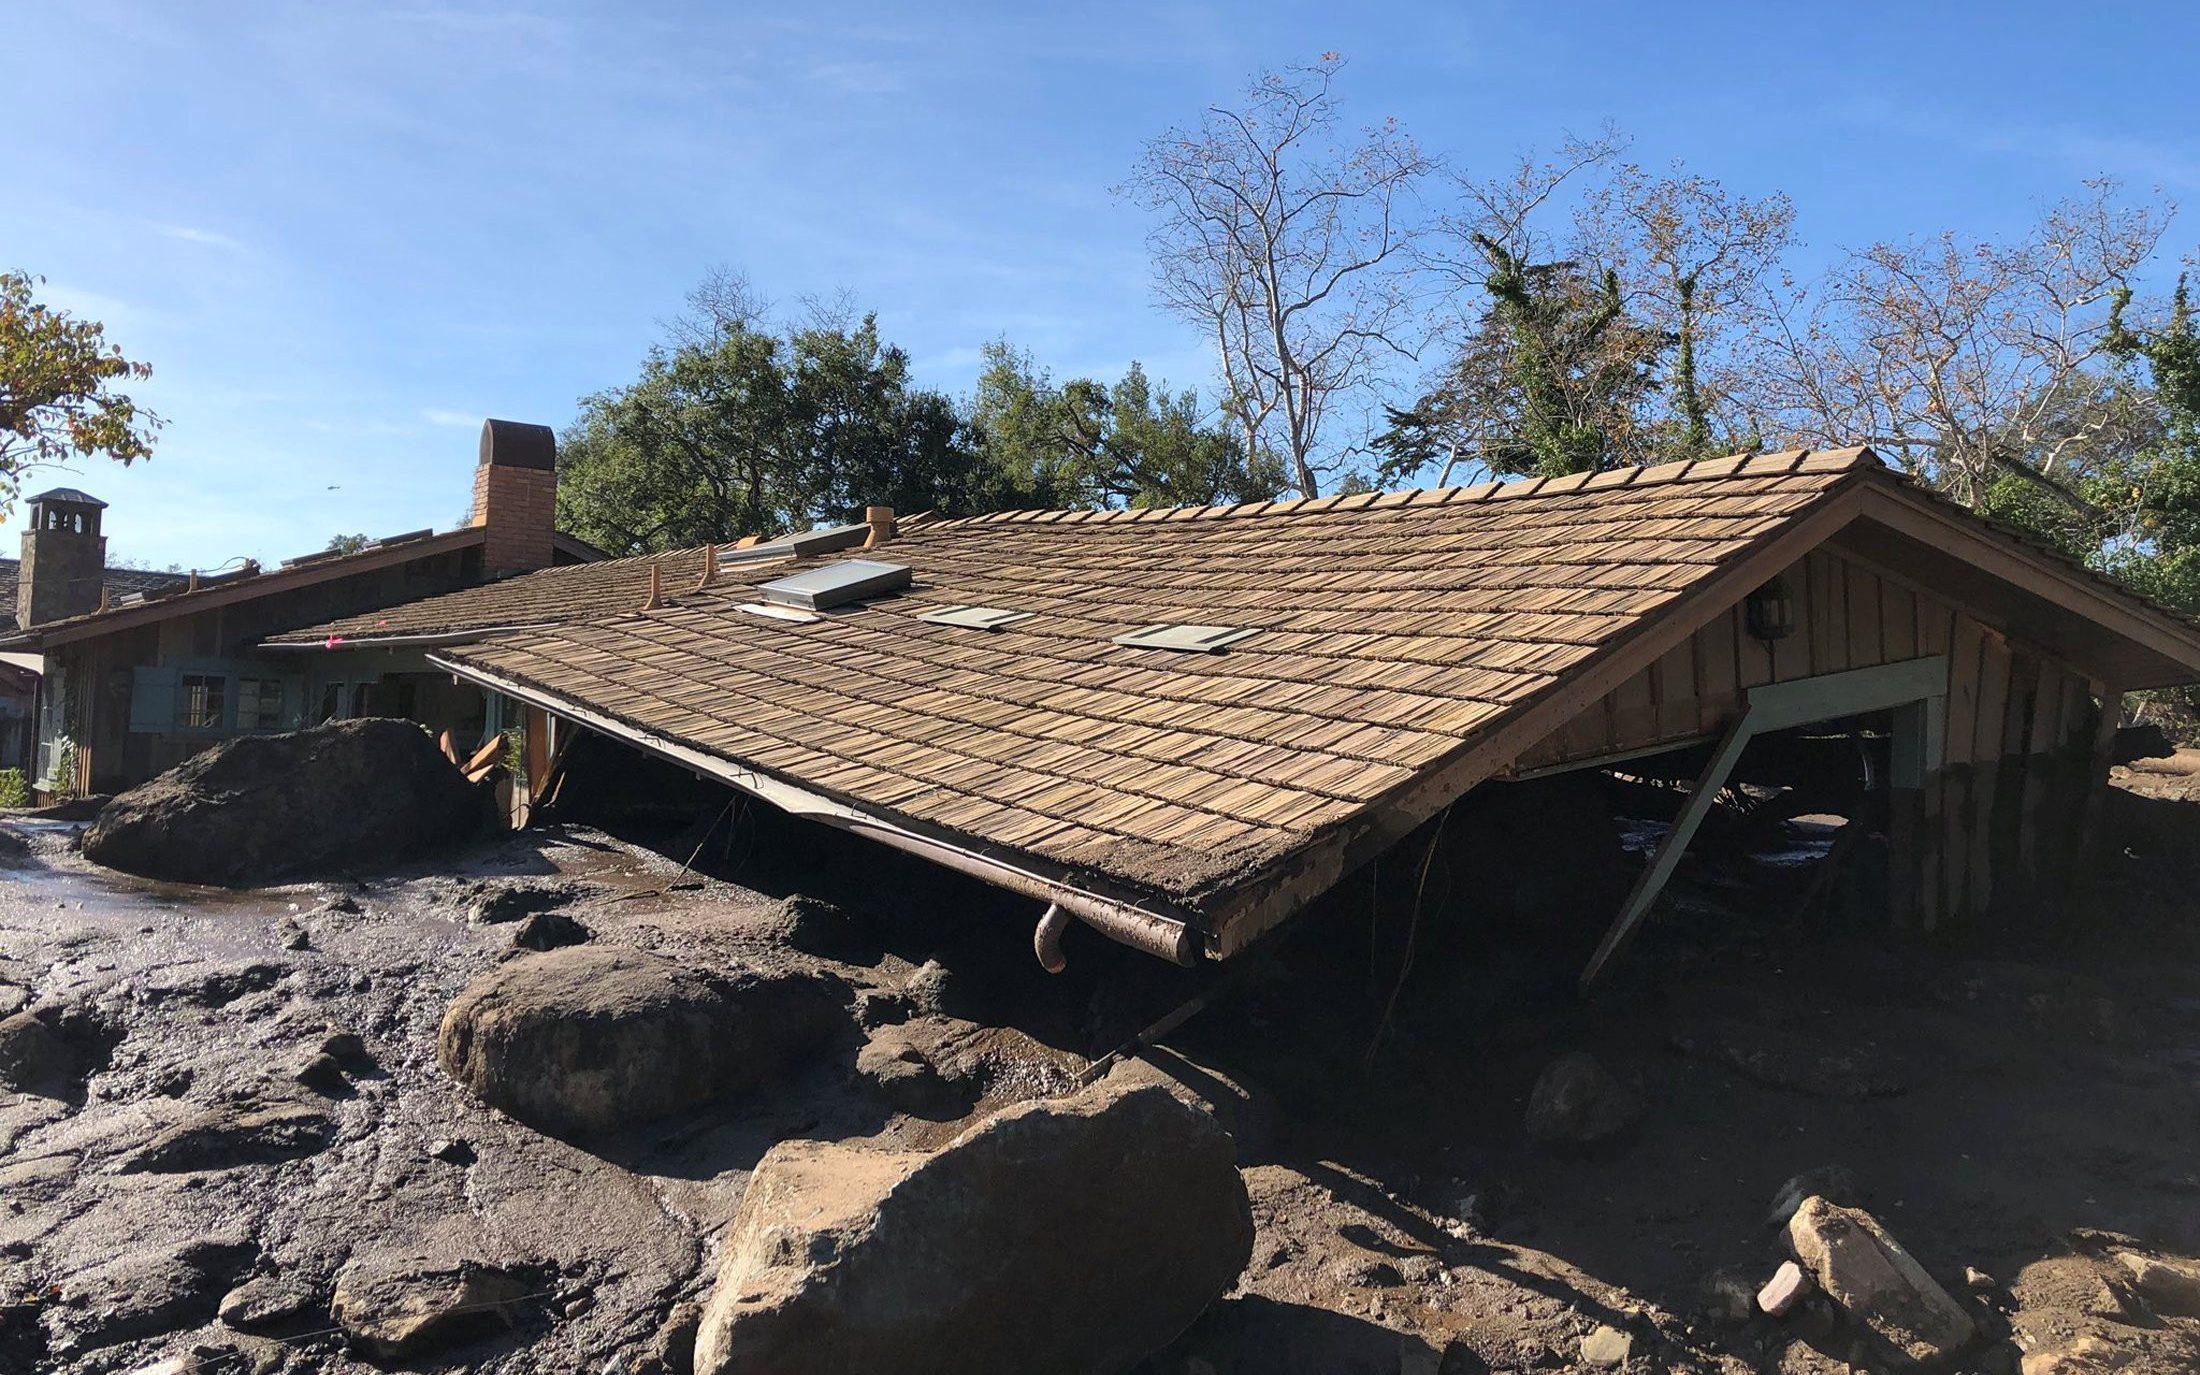 Damaged house photo